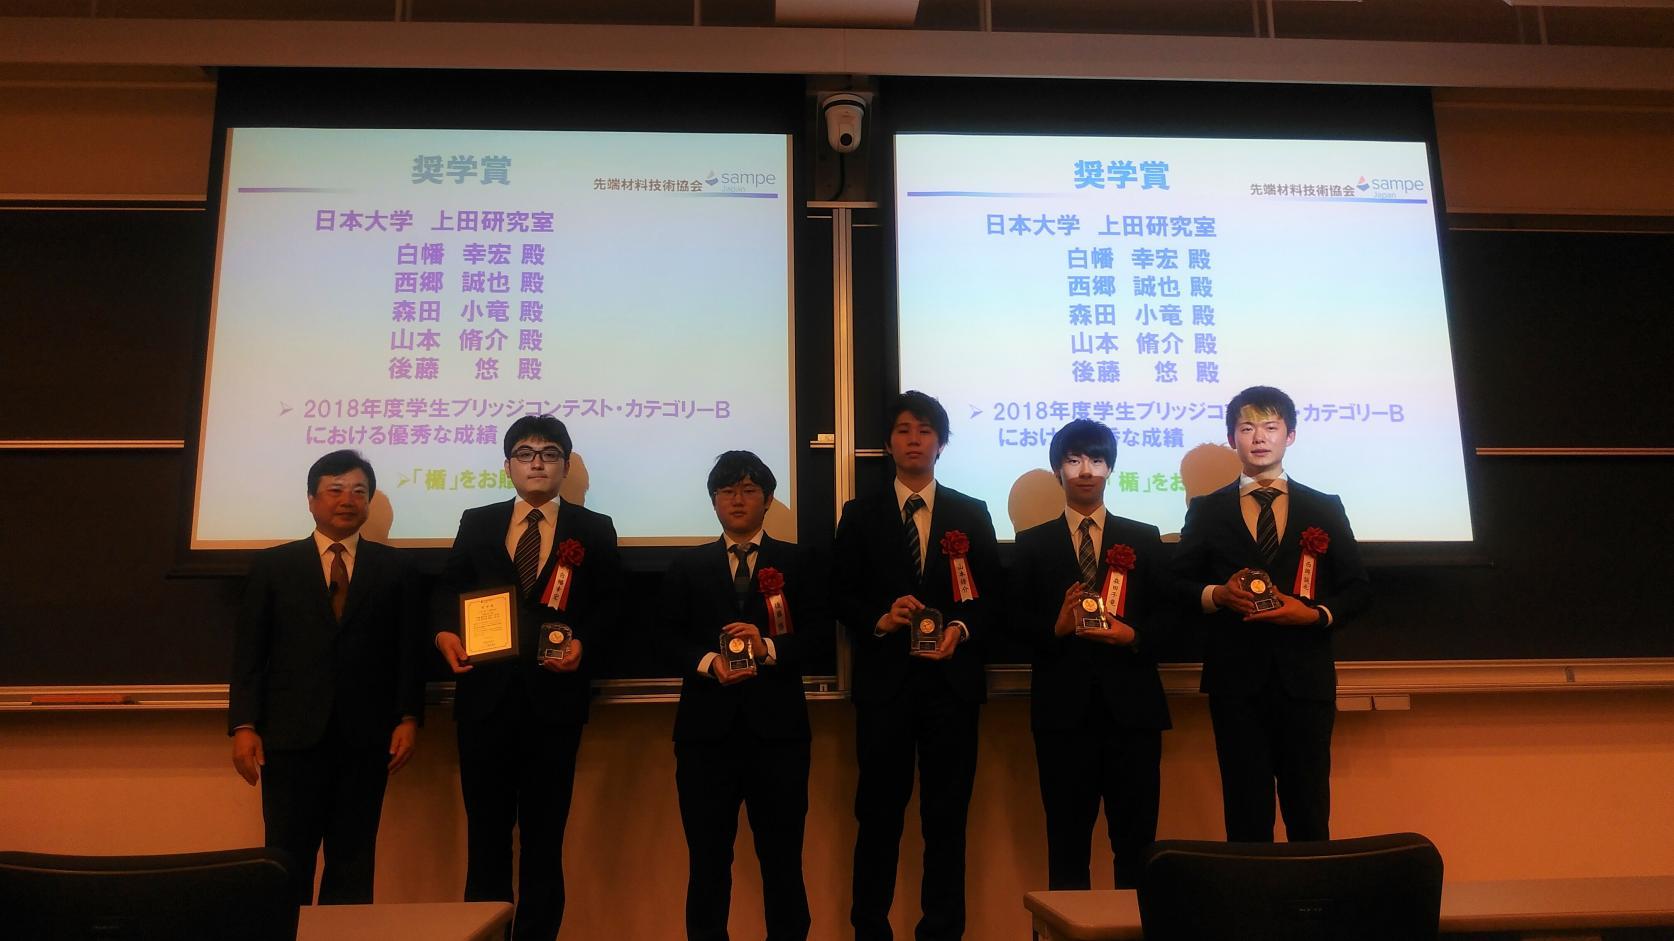 機械工学科の上田研究室学生チーム(院生及び学部生)が「先端材料技術協会」において、2018年度 奨学賞を受賞しました。